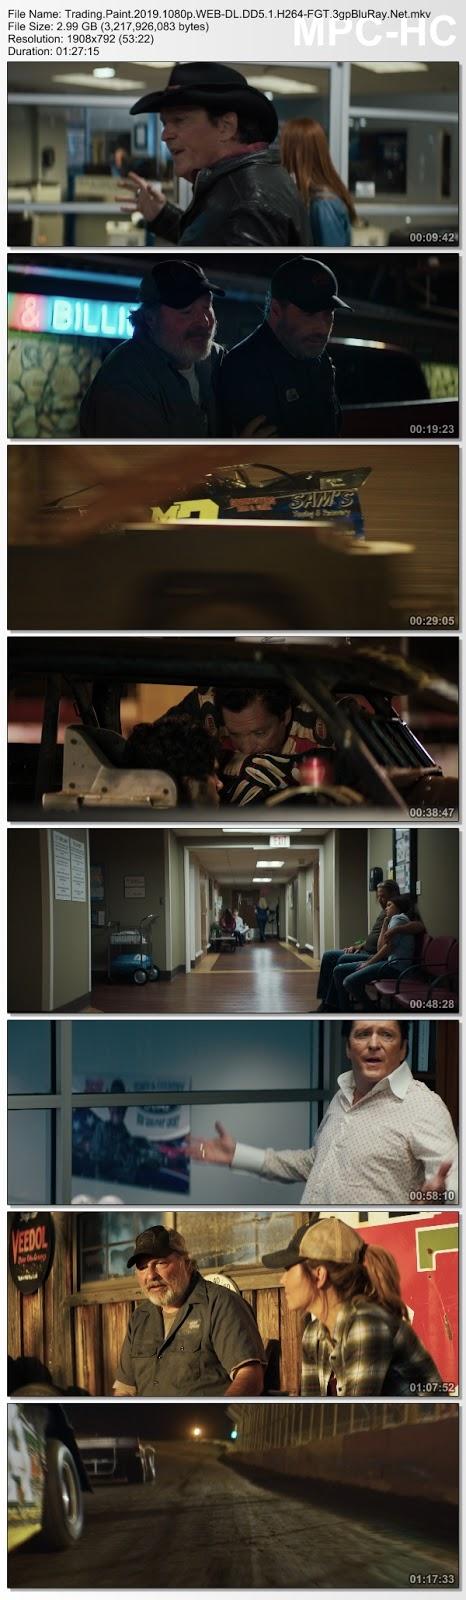 Screenshots Download Торговый пункт (2019)